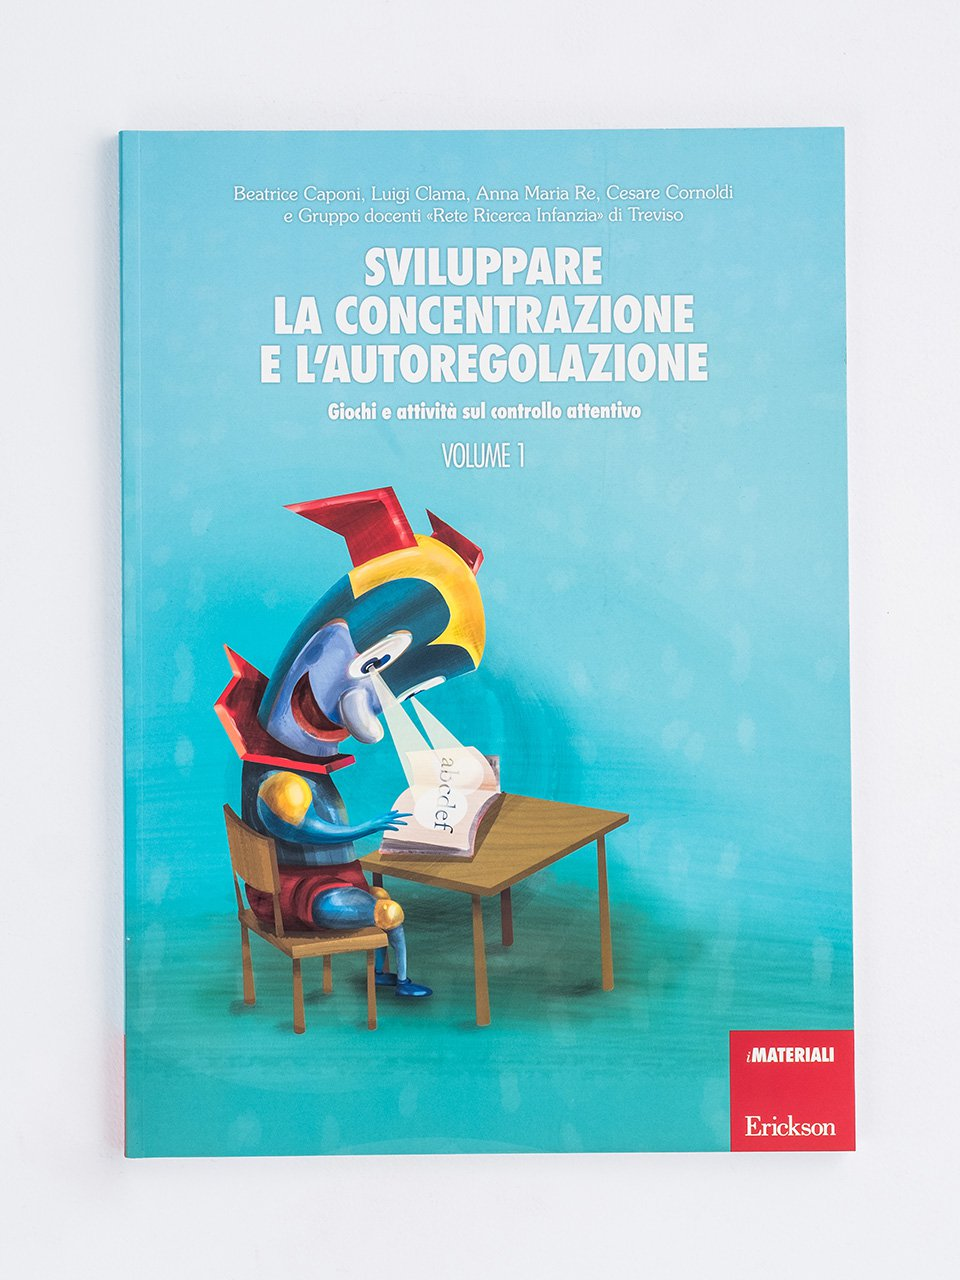 Sviluppare la concentrazione e l'autoregolazione - Volume 1 - Sviluppare la concentrazione e l'autoregolazione - - Libri - Erickson